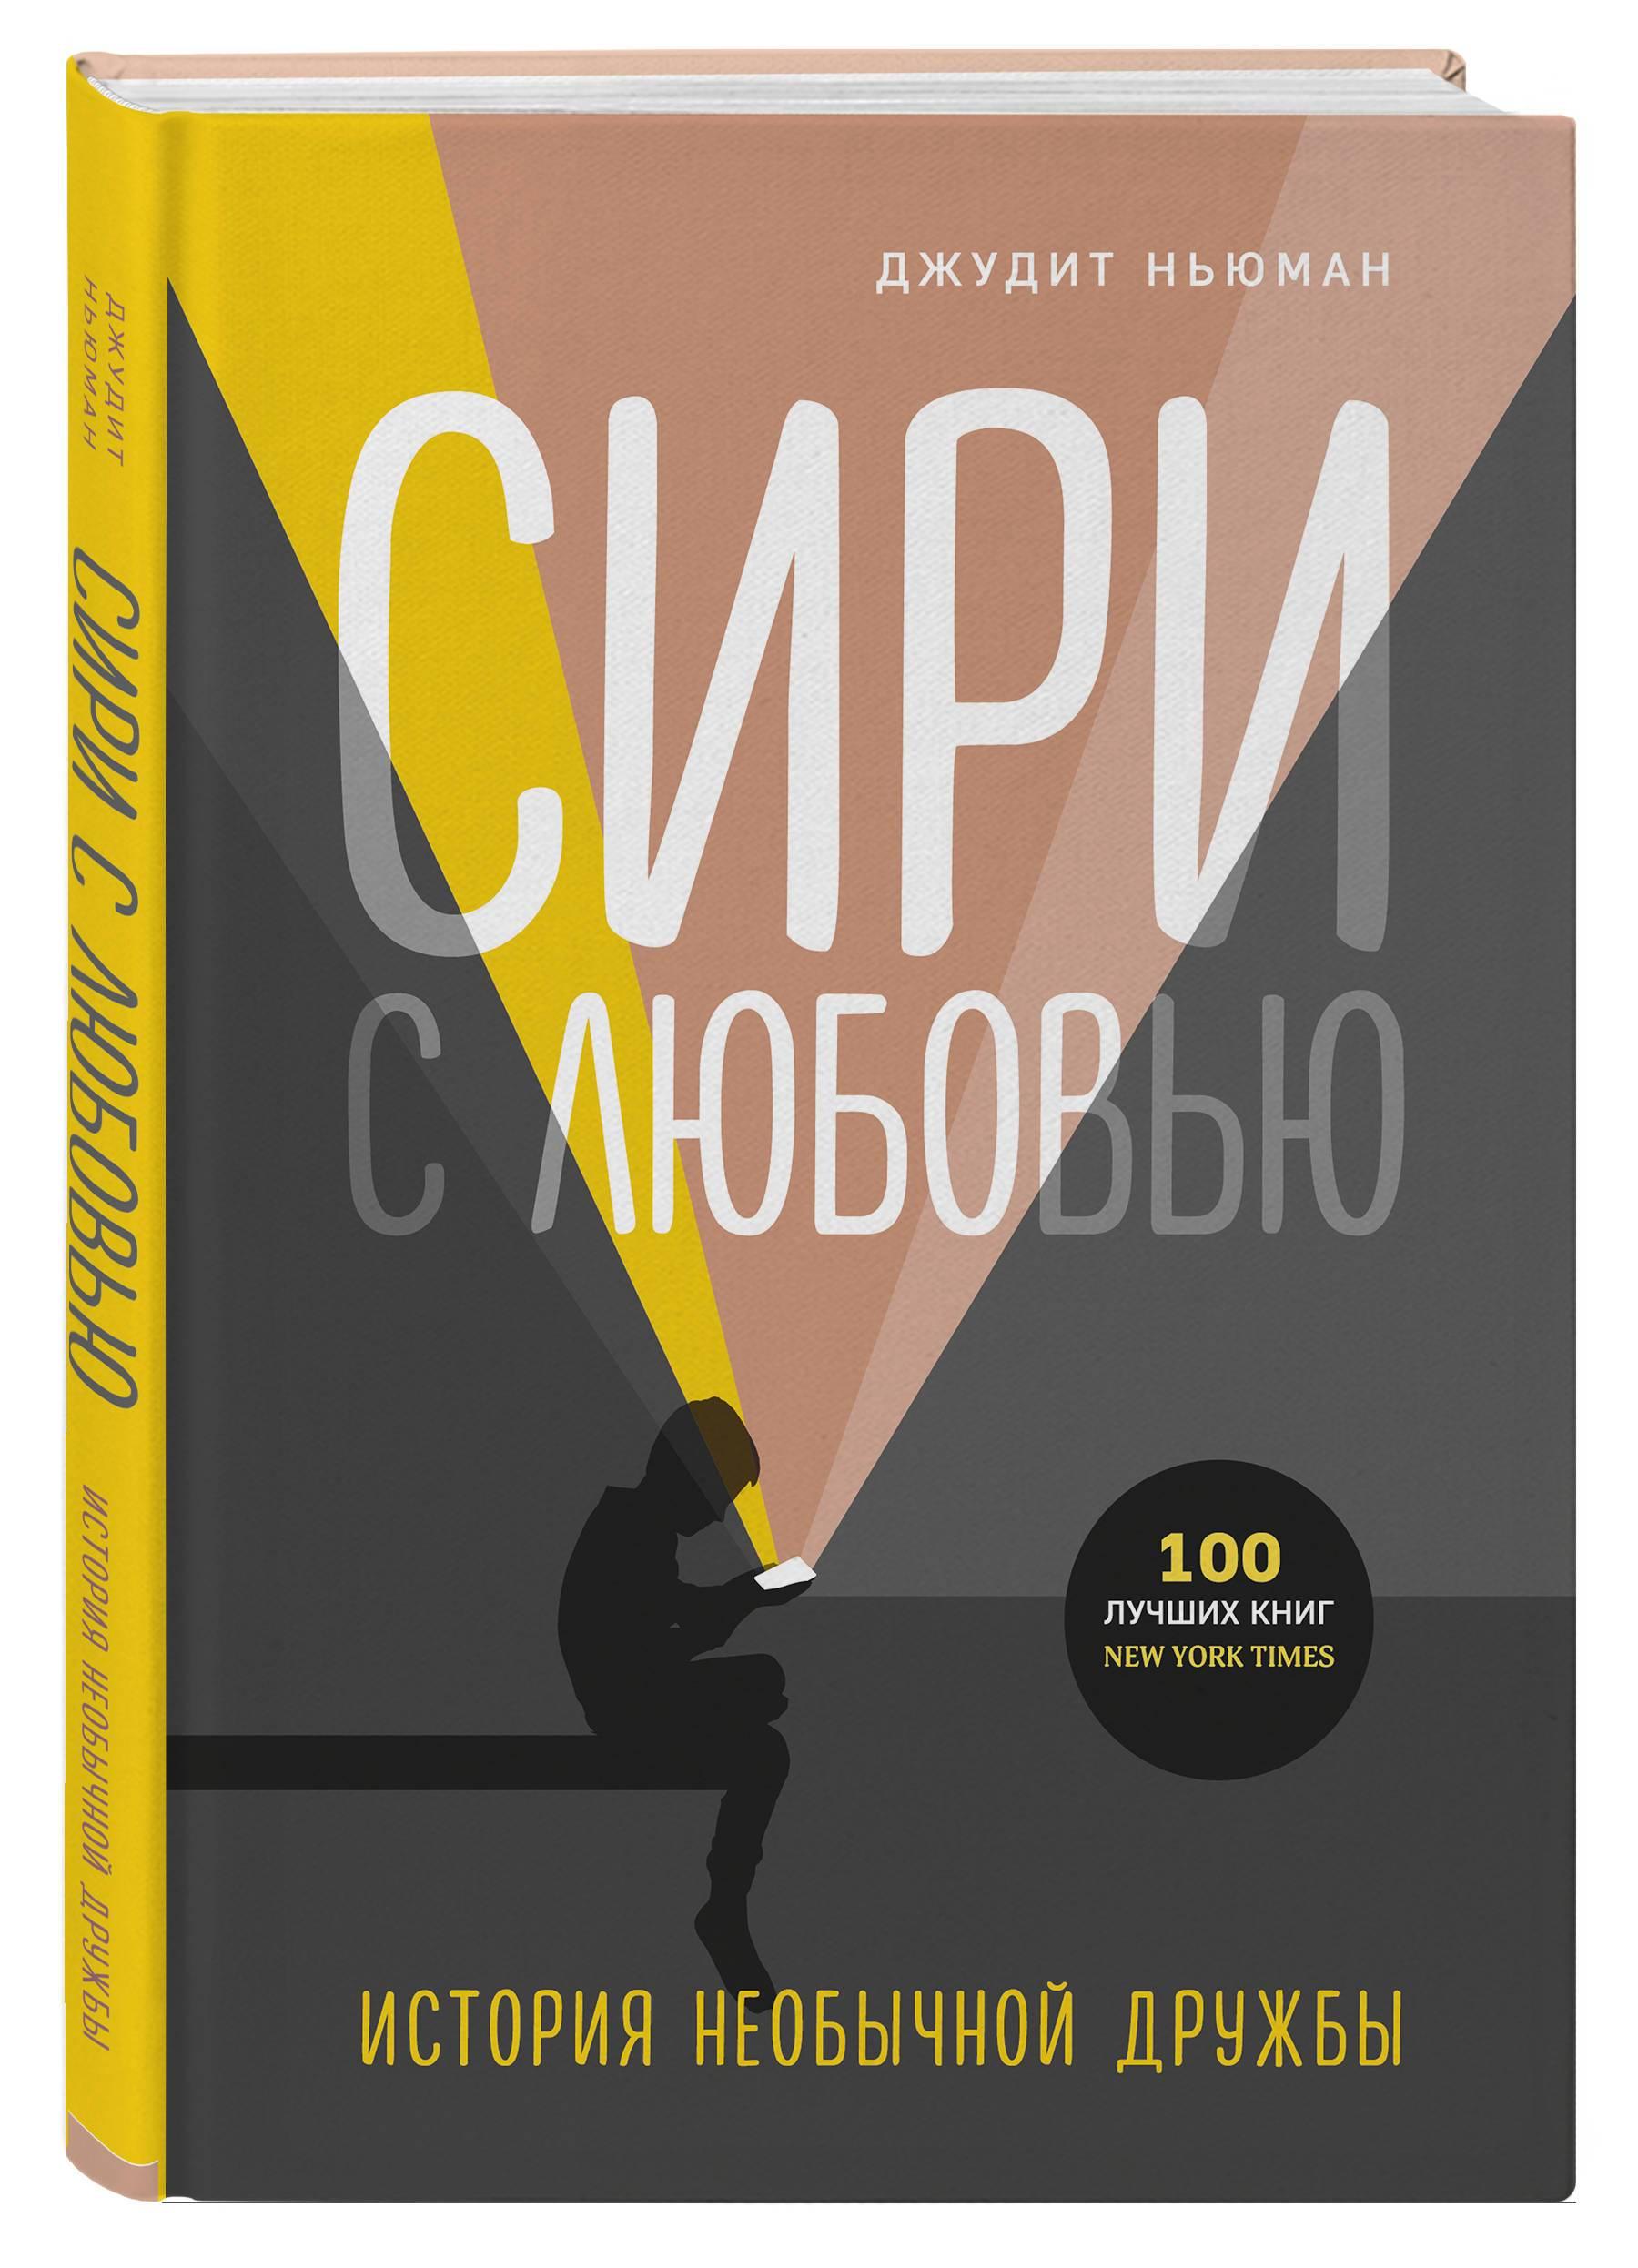 Читать книгу психология глупости сборника : онлайн чтение - страница 1